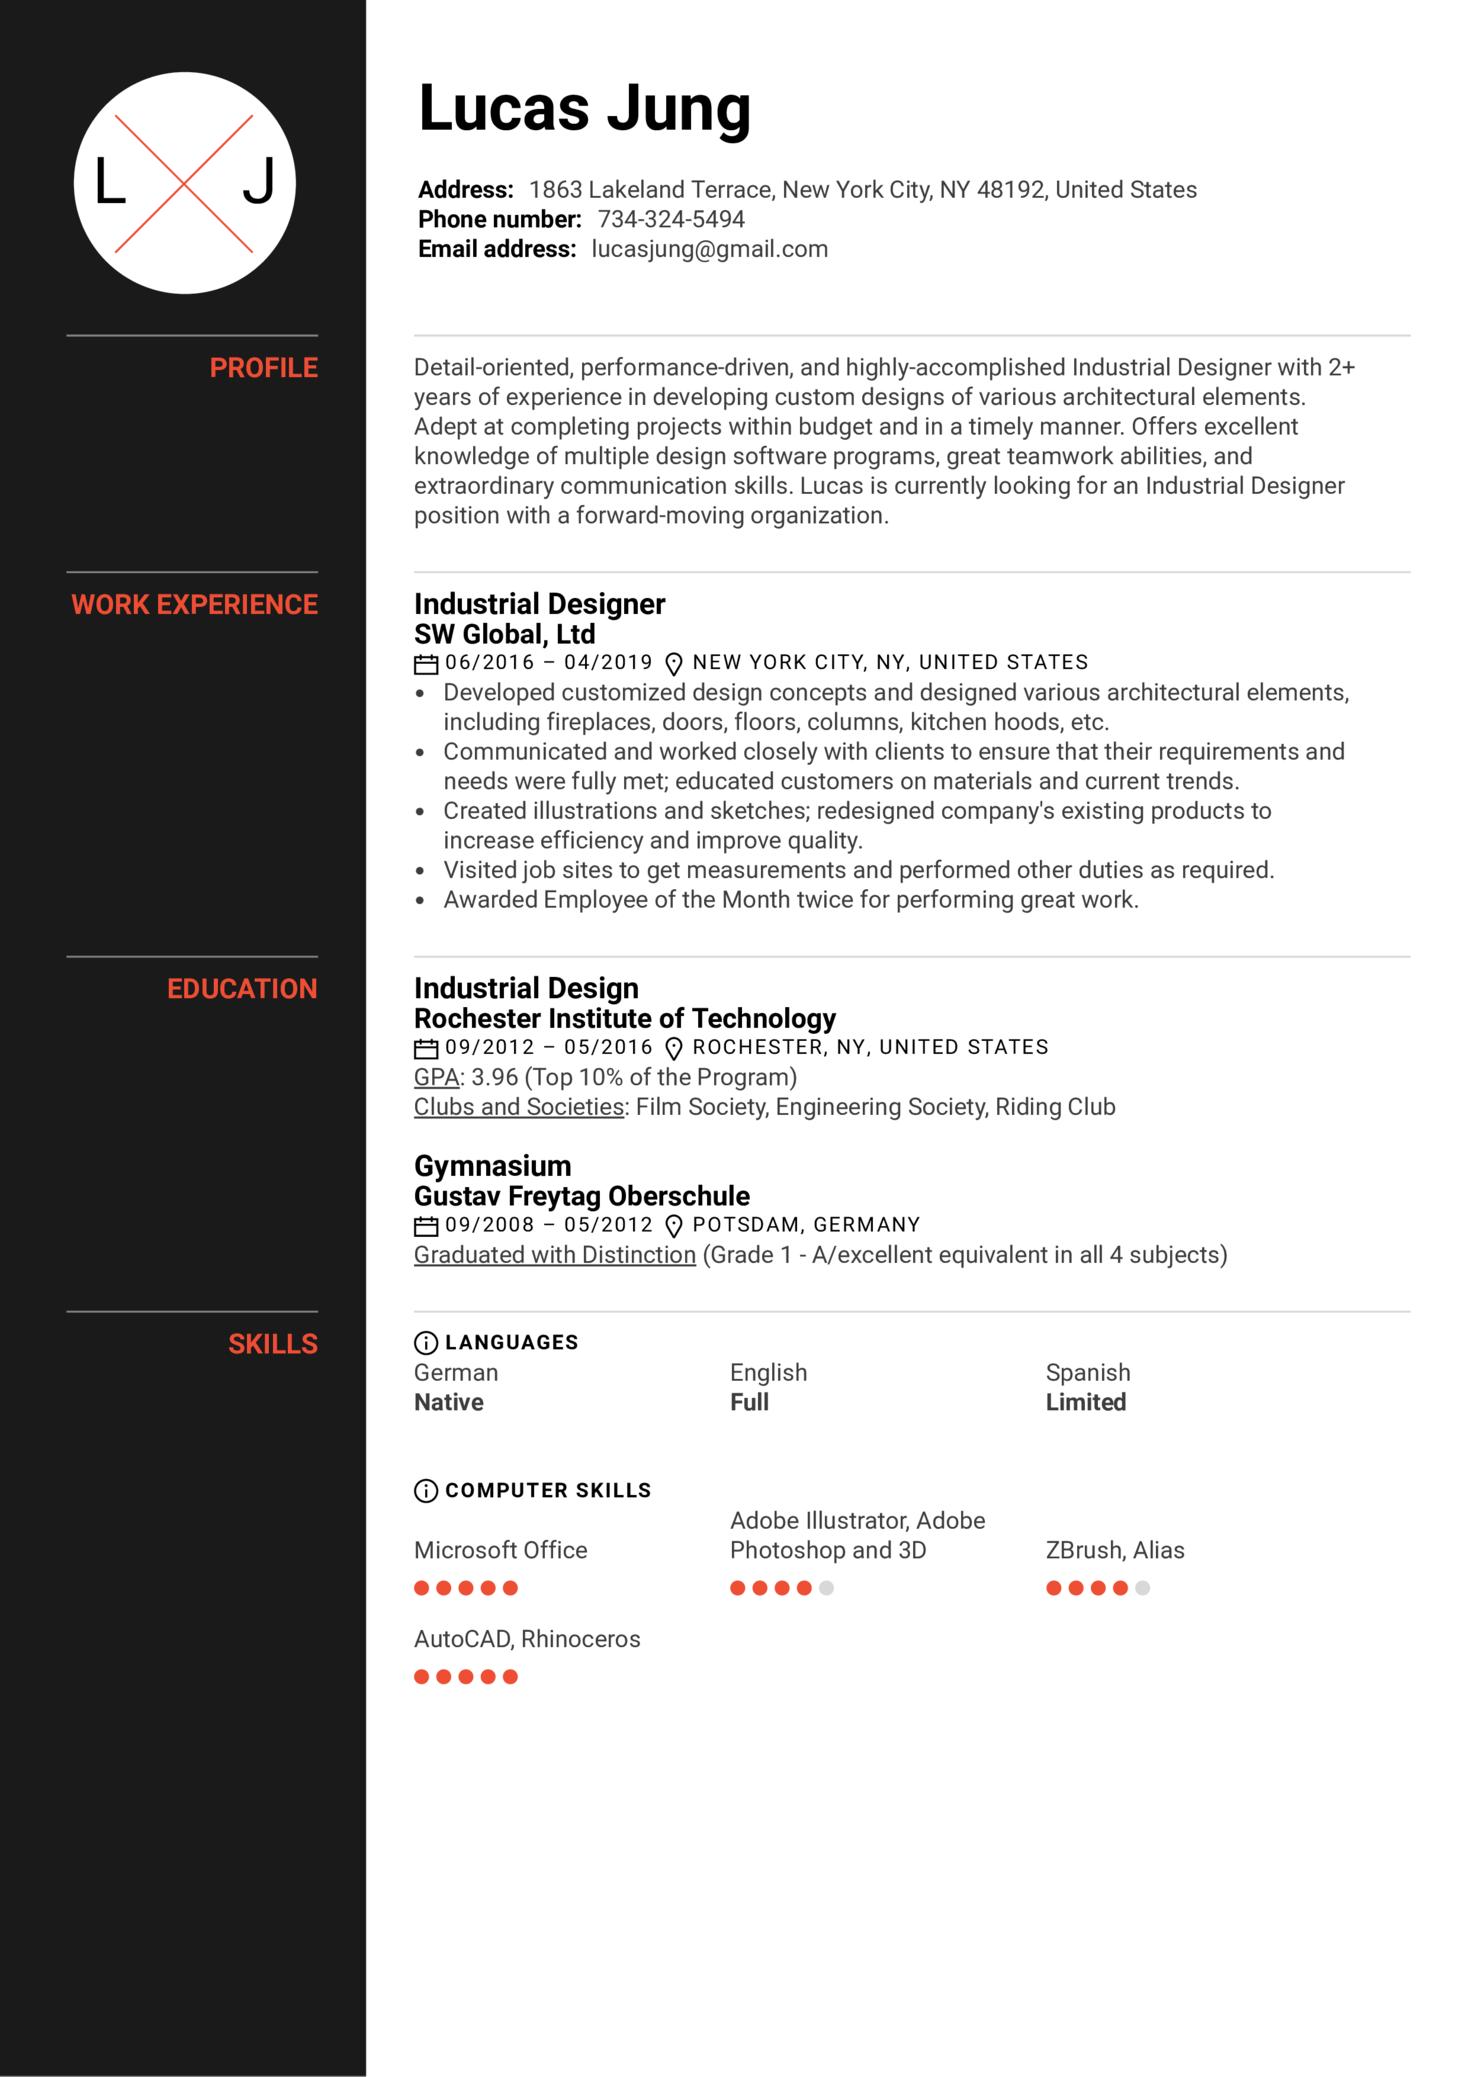 Industrial Designer Resume Example (Parte 1)